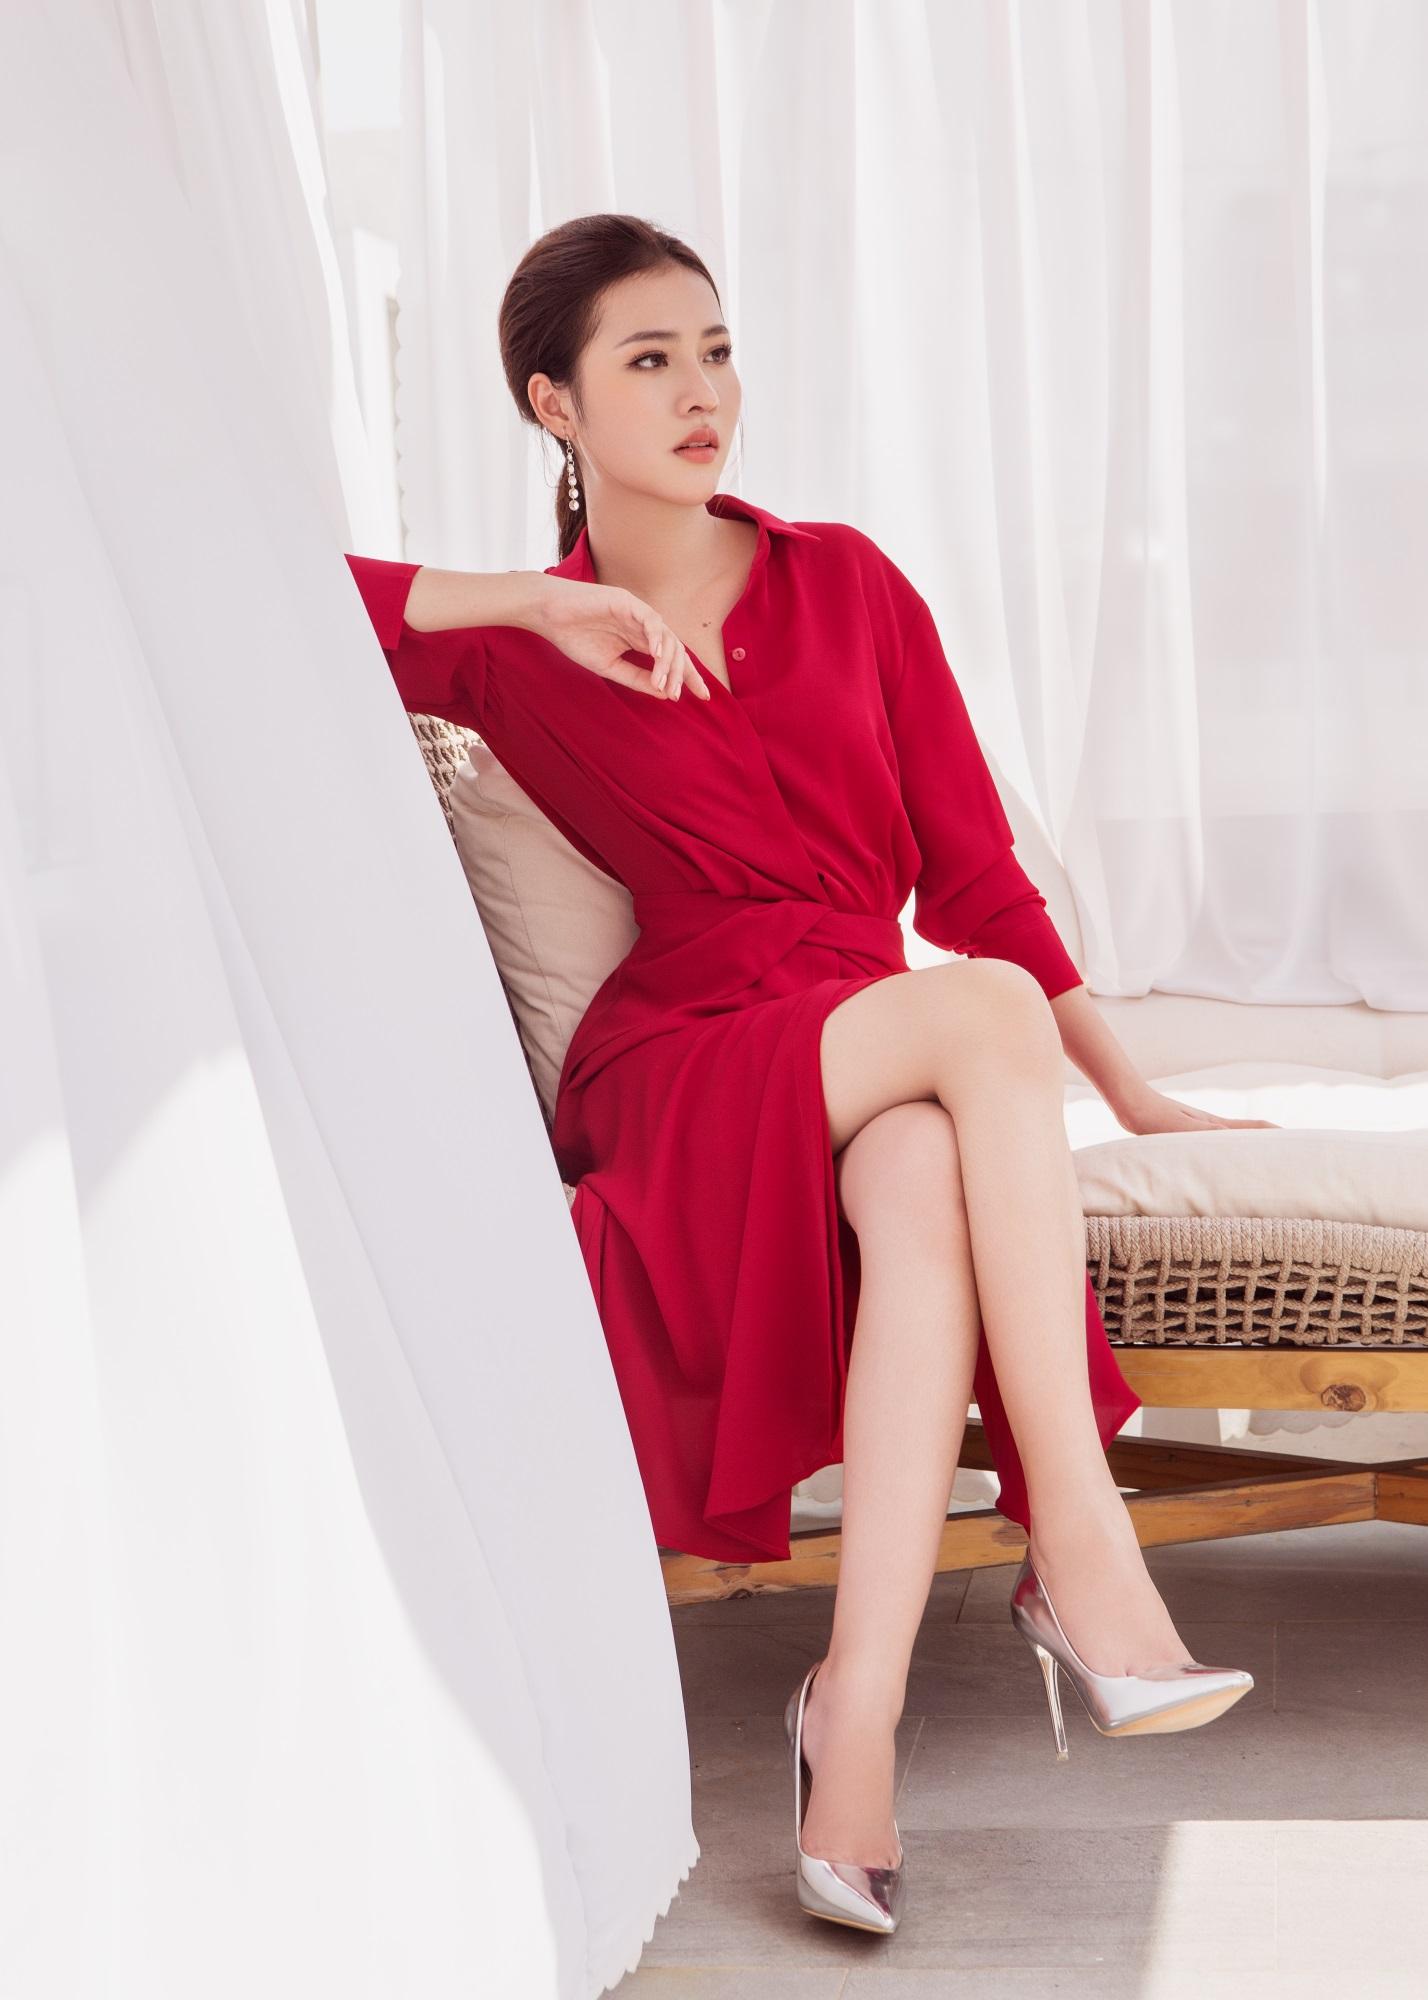 Hoa hậu Biển Kim Ngọc 'tái xuất' với hình ảnh quý cô thanh lịch đầy cuốn hút - Ảnh 6